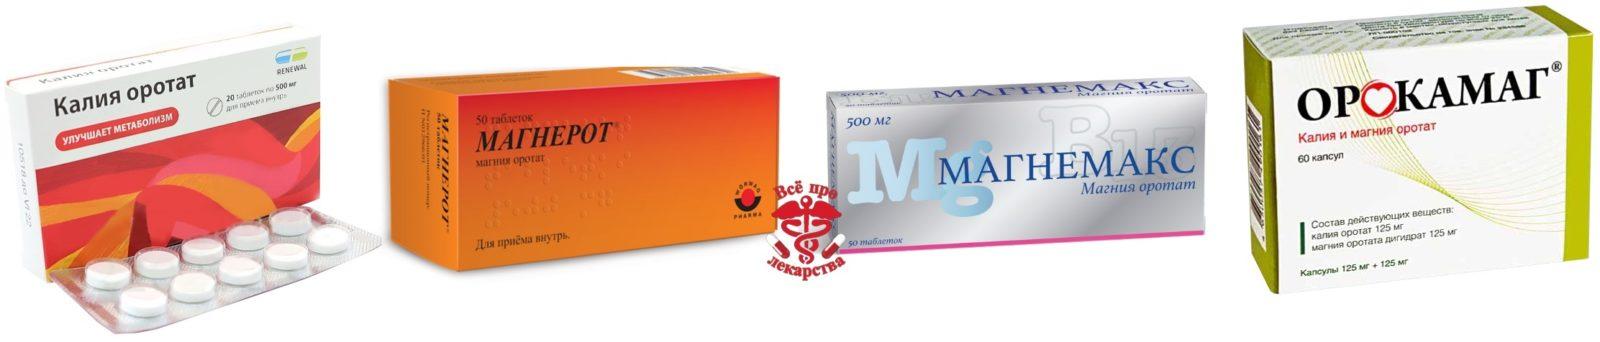 Препараты витамина В13